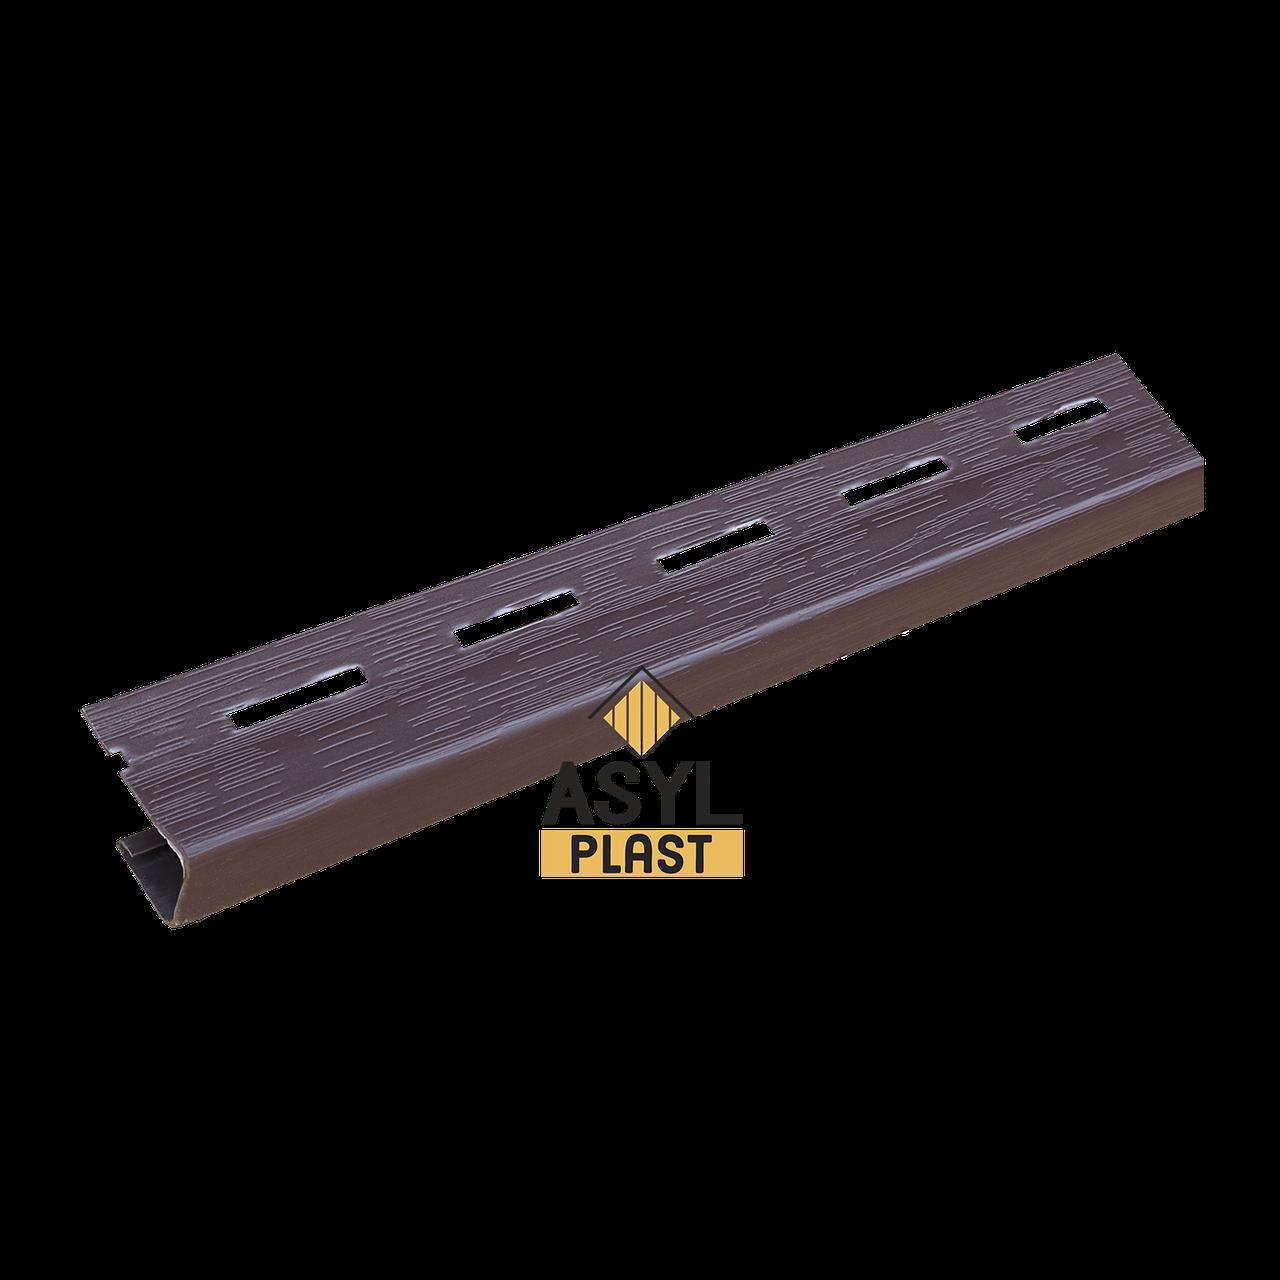 -j- профиль темно-коричневый 3 м в упк. 50 шт.